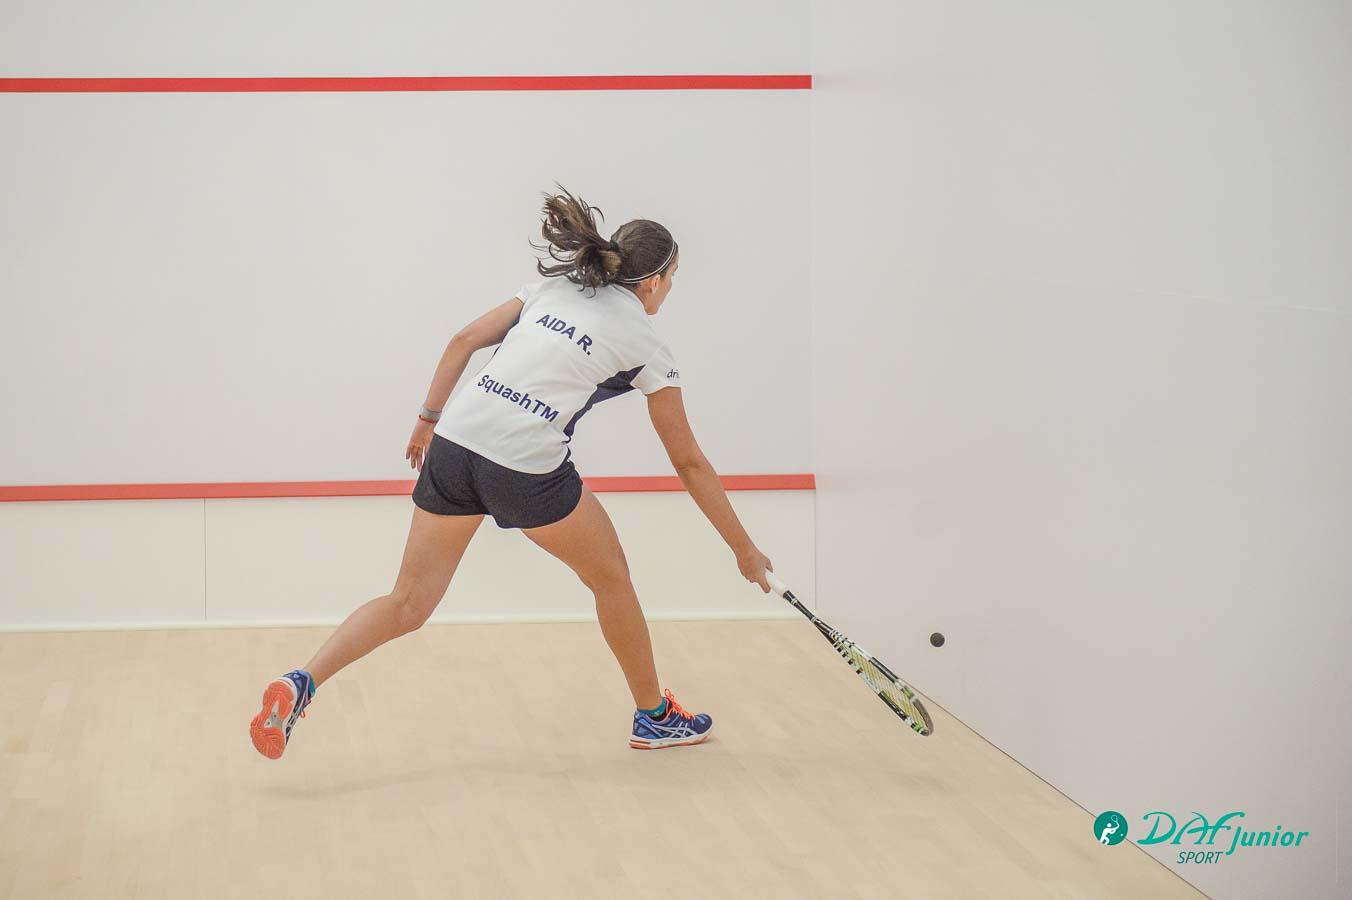 daf-sport-gallery-15